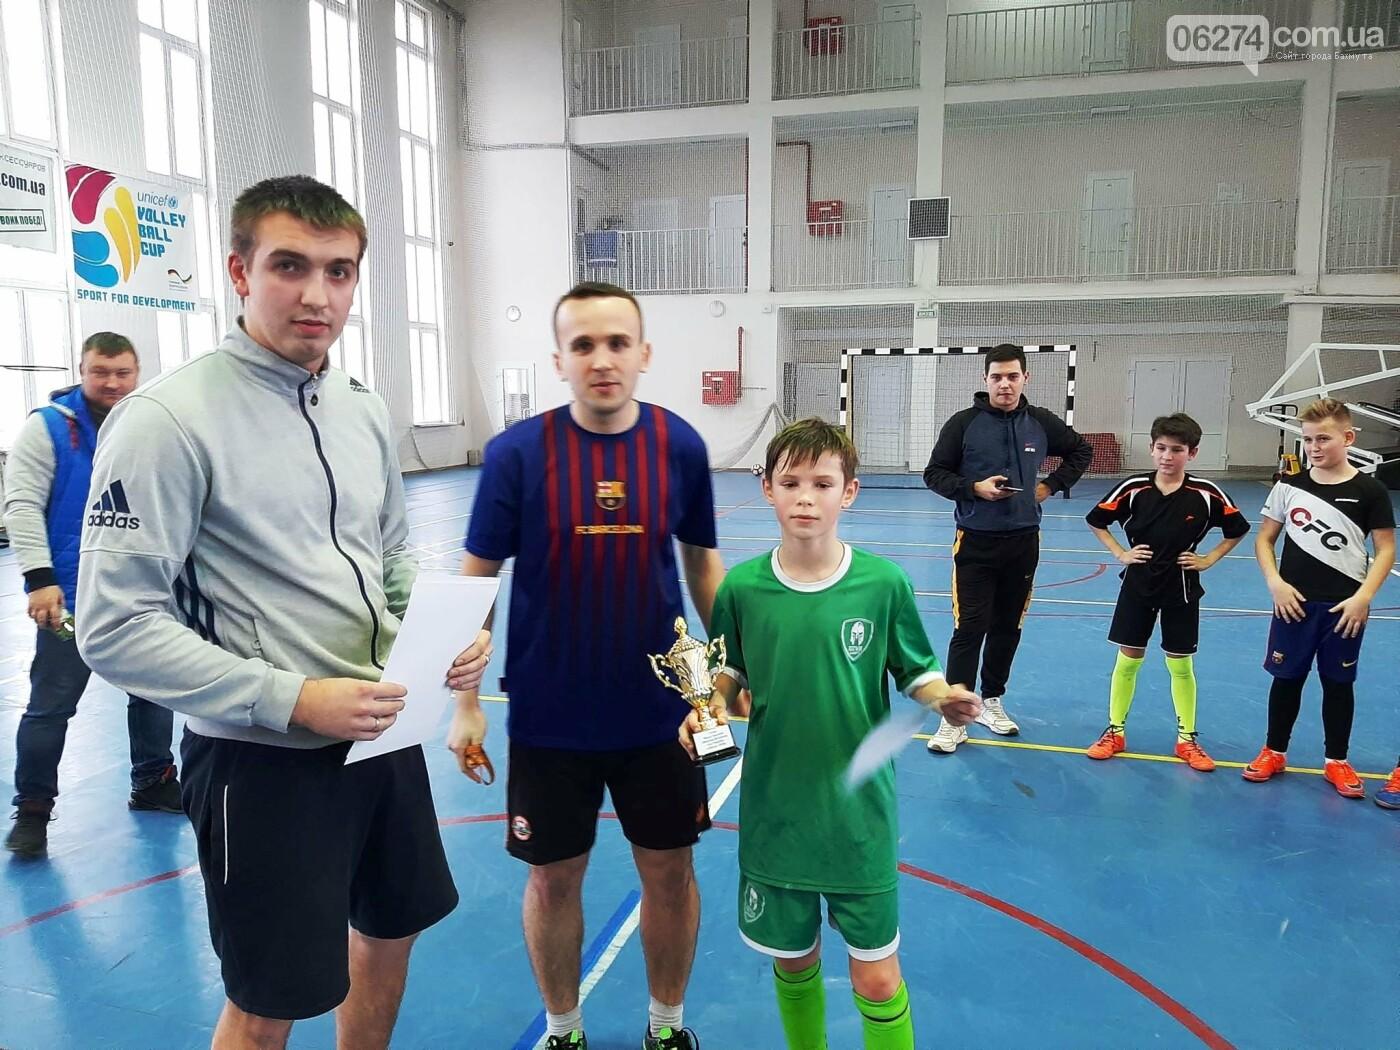 В Бахмуте состоялась «Школьная футзальная лига», фото-9